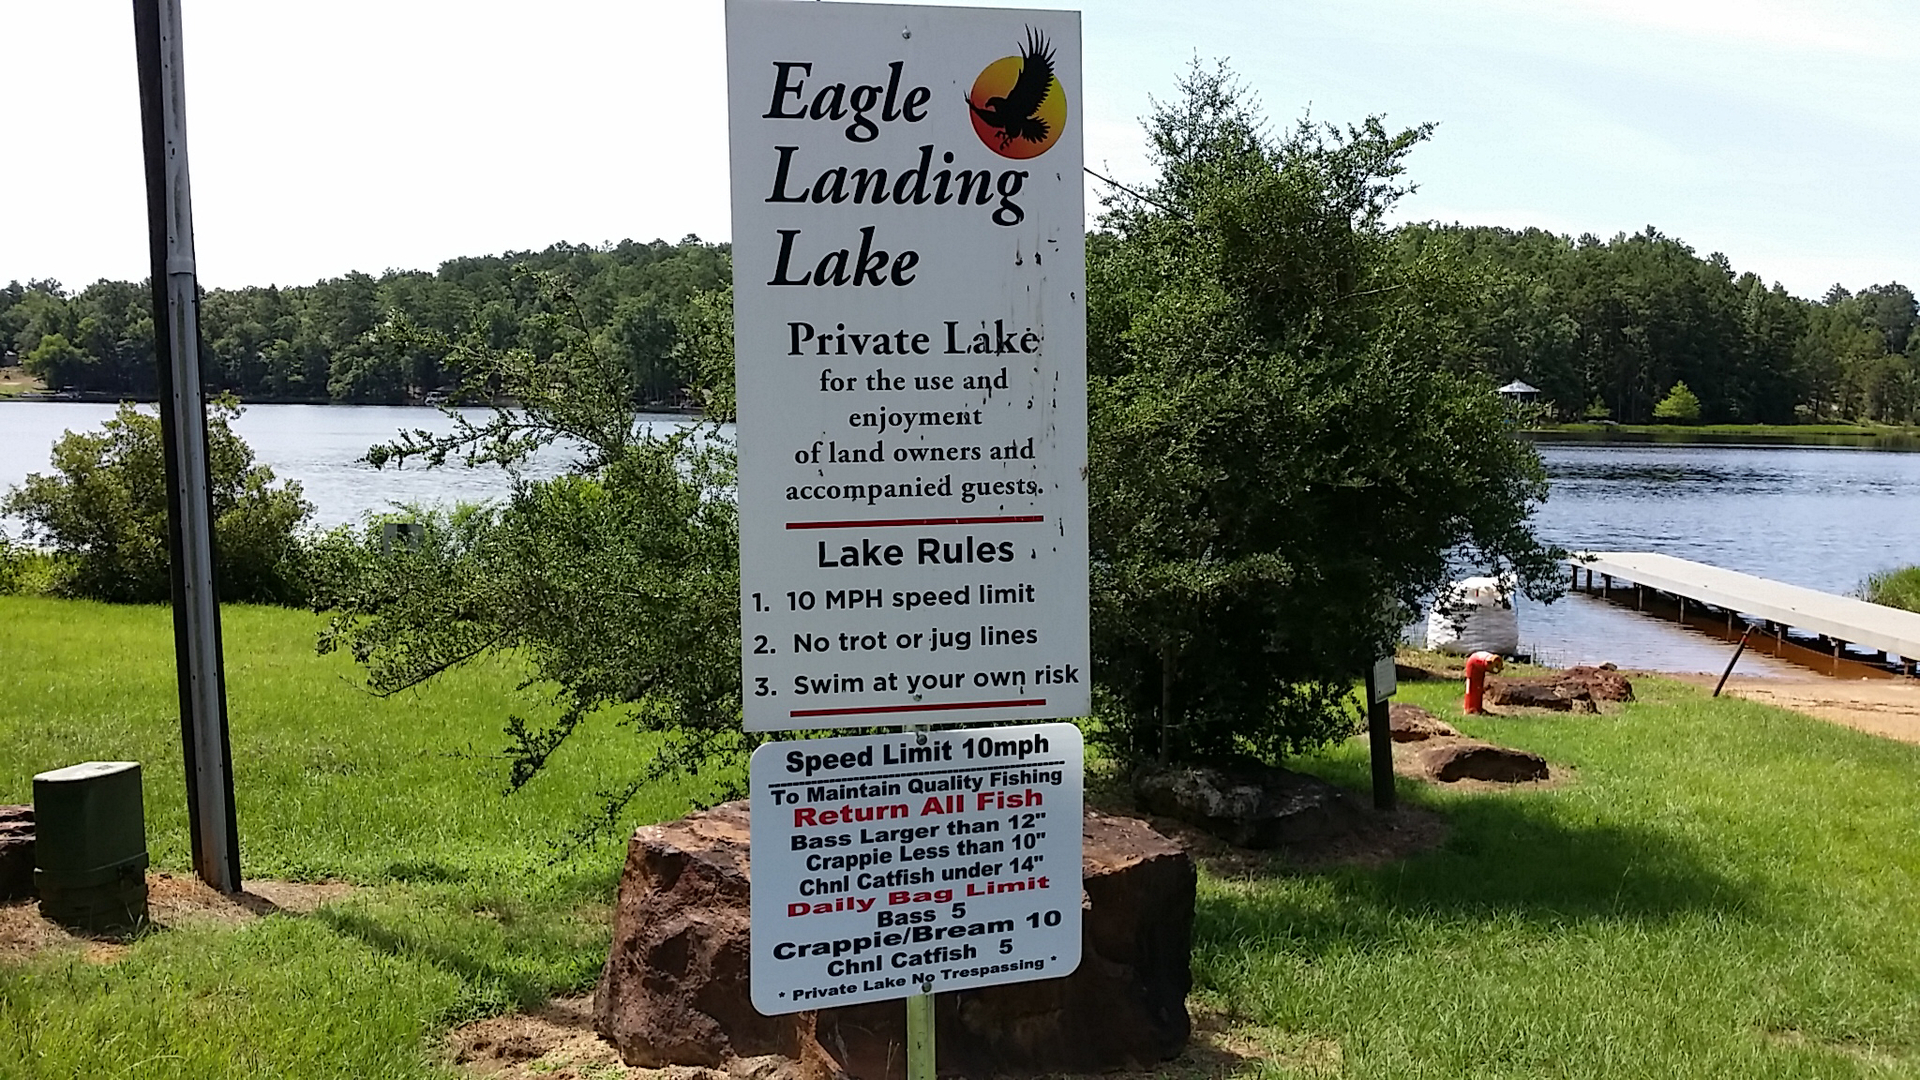 Eagle Landling Lake Pics.jpg